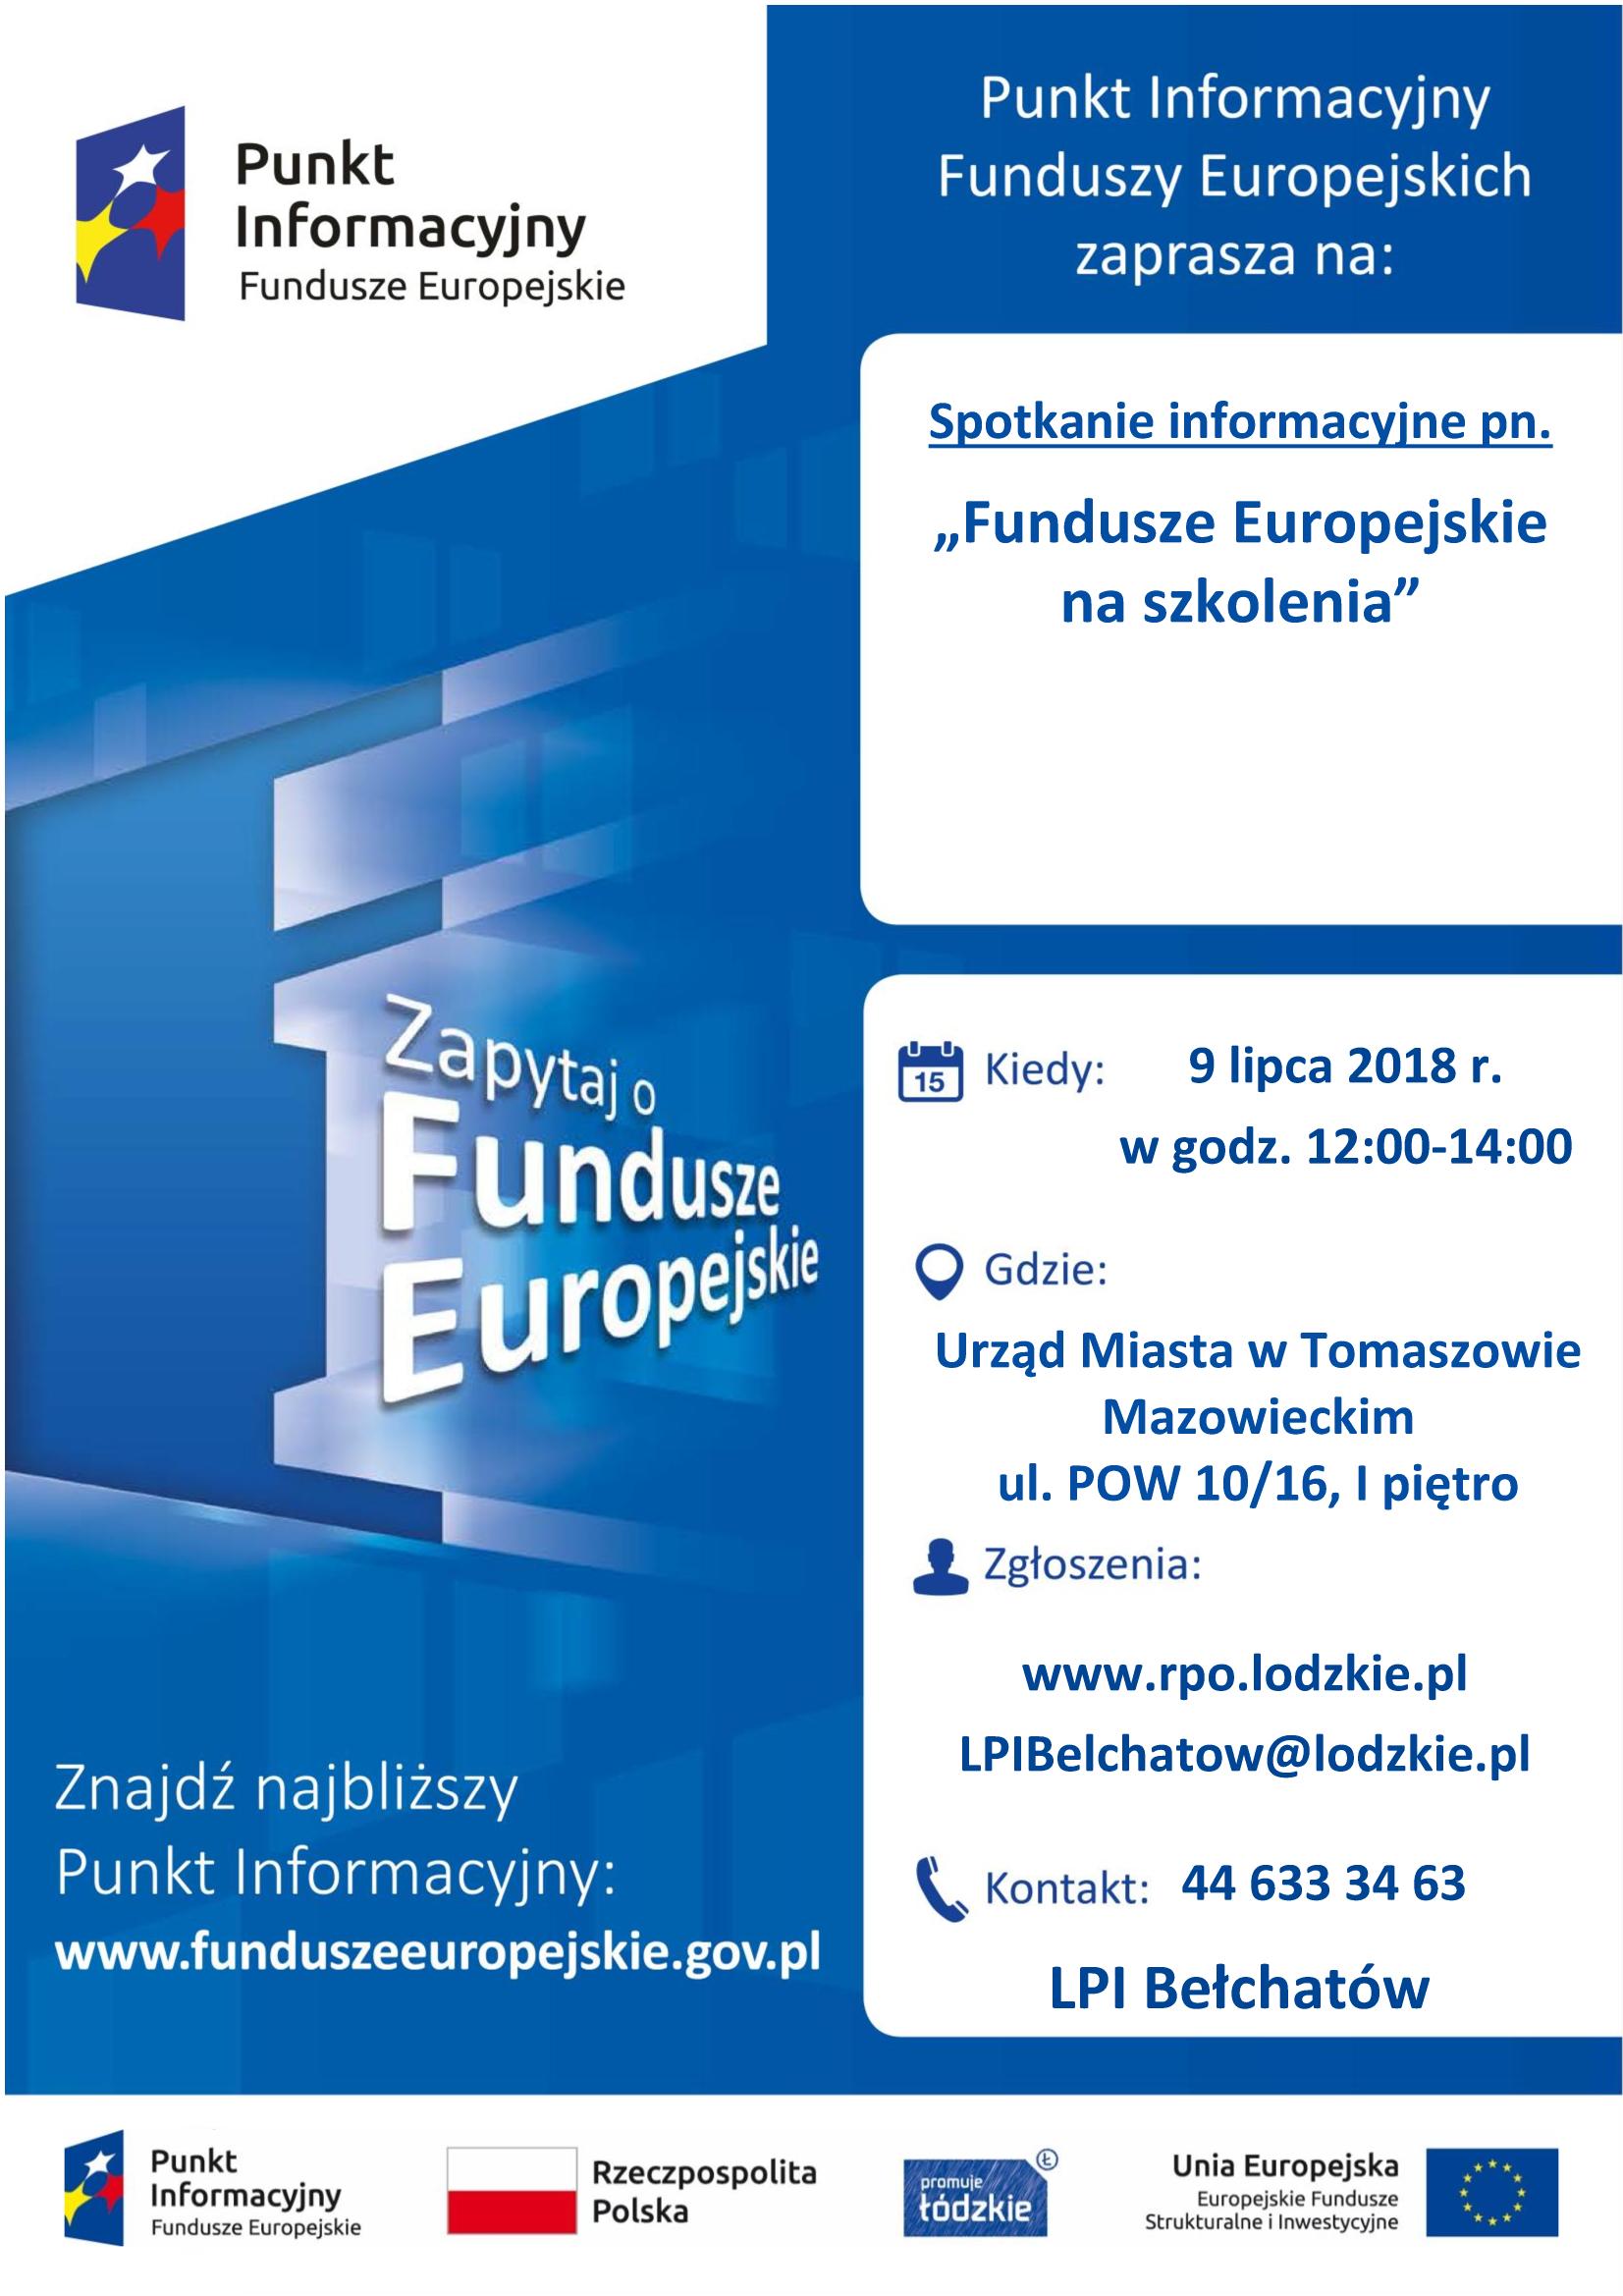 plakat informujący o spotkaniu dot Funduszy Europejskich